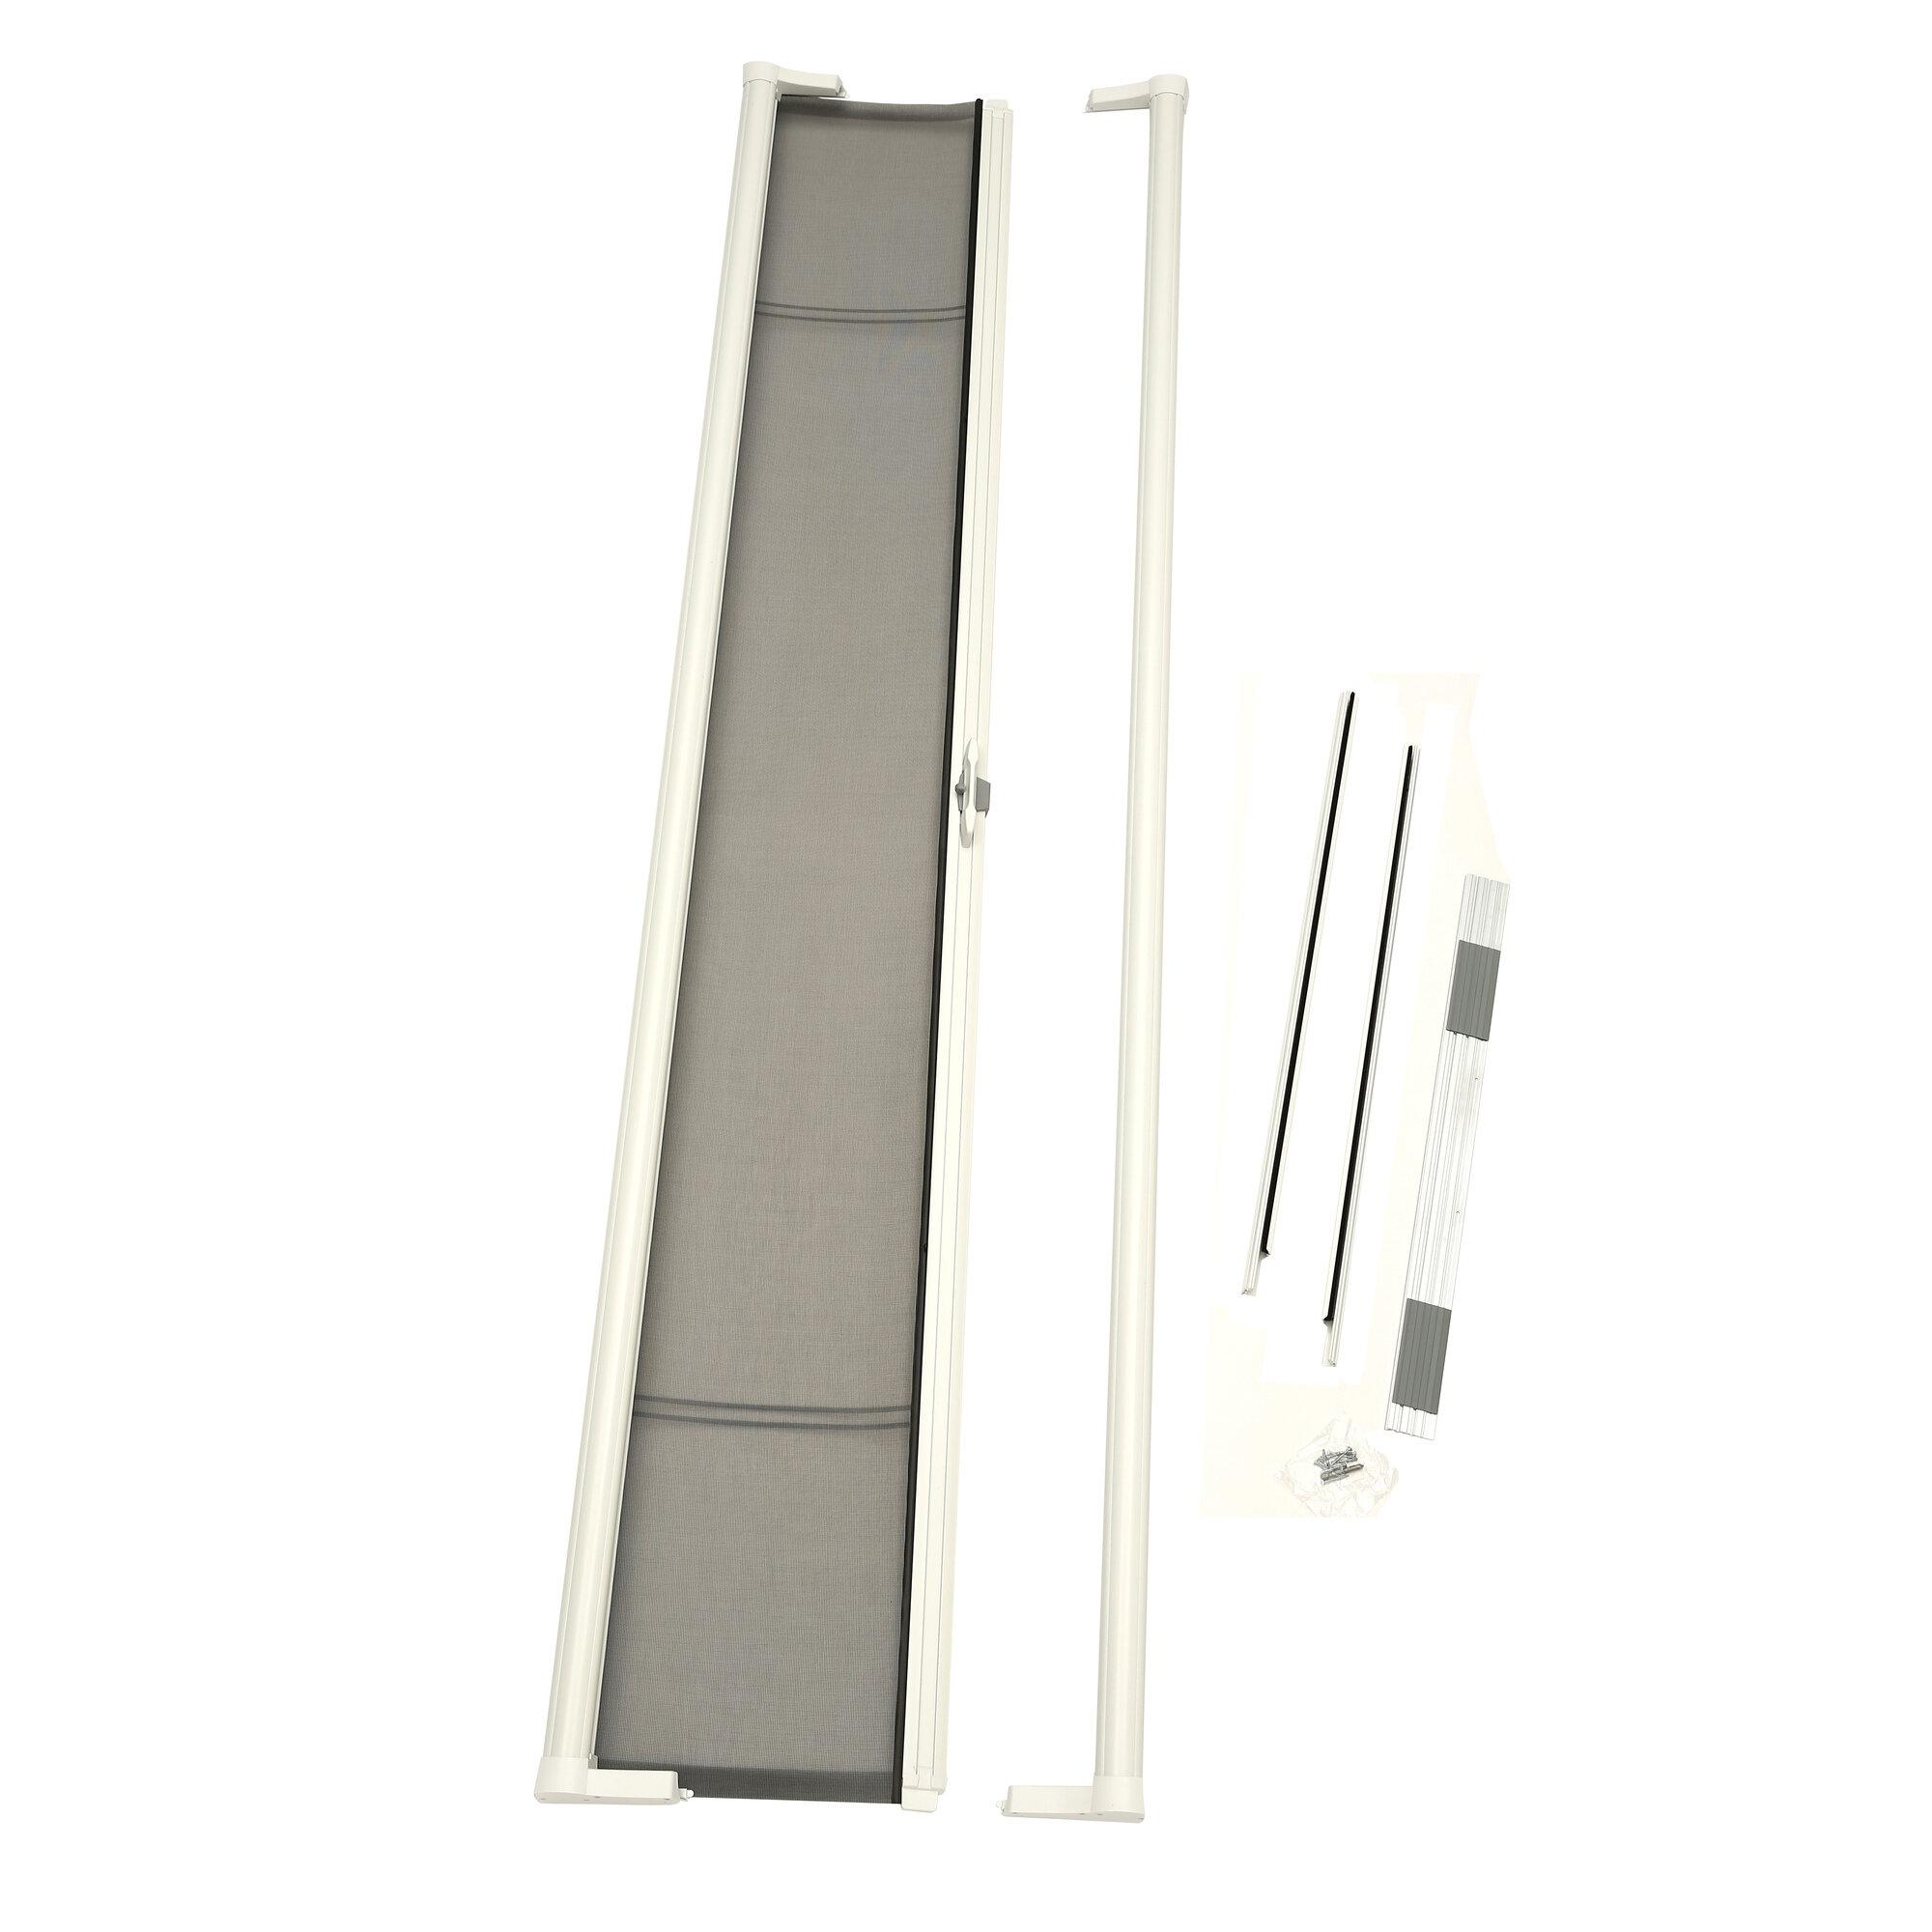 Zabitat an odl company brisa retractable screen door ebay for Inside mount retractable screen door